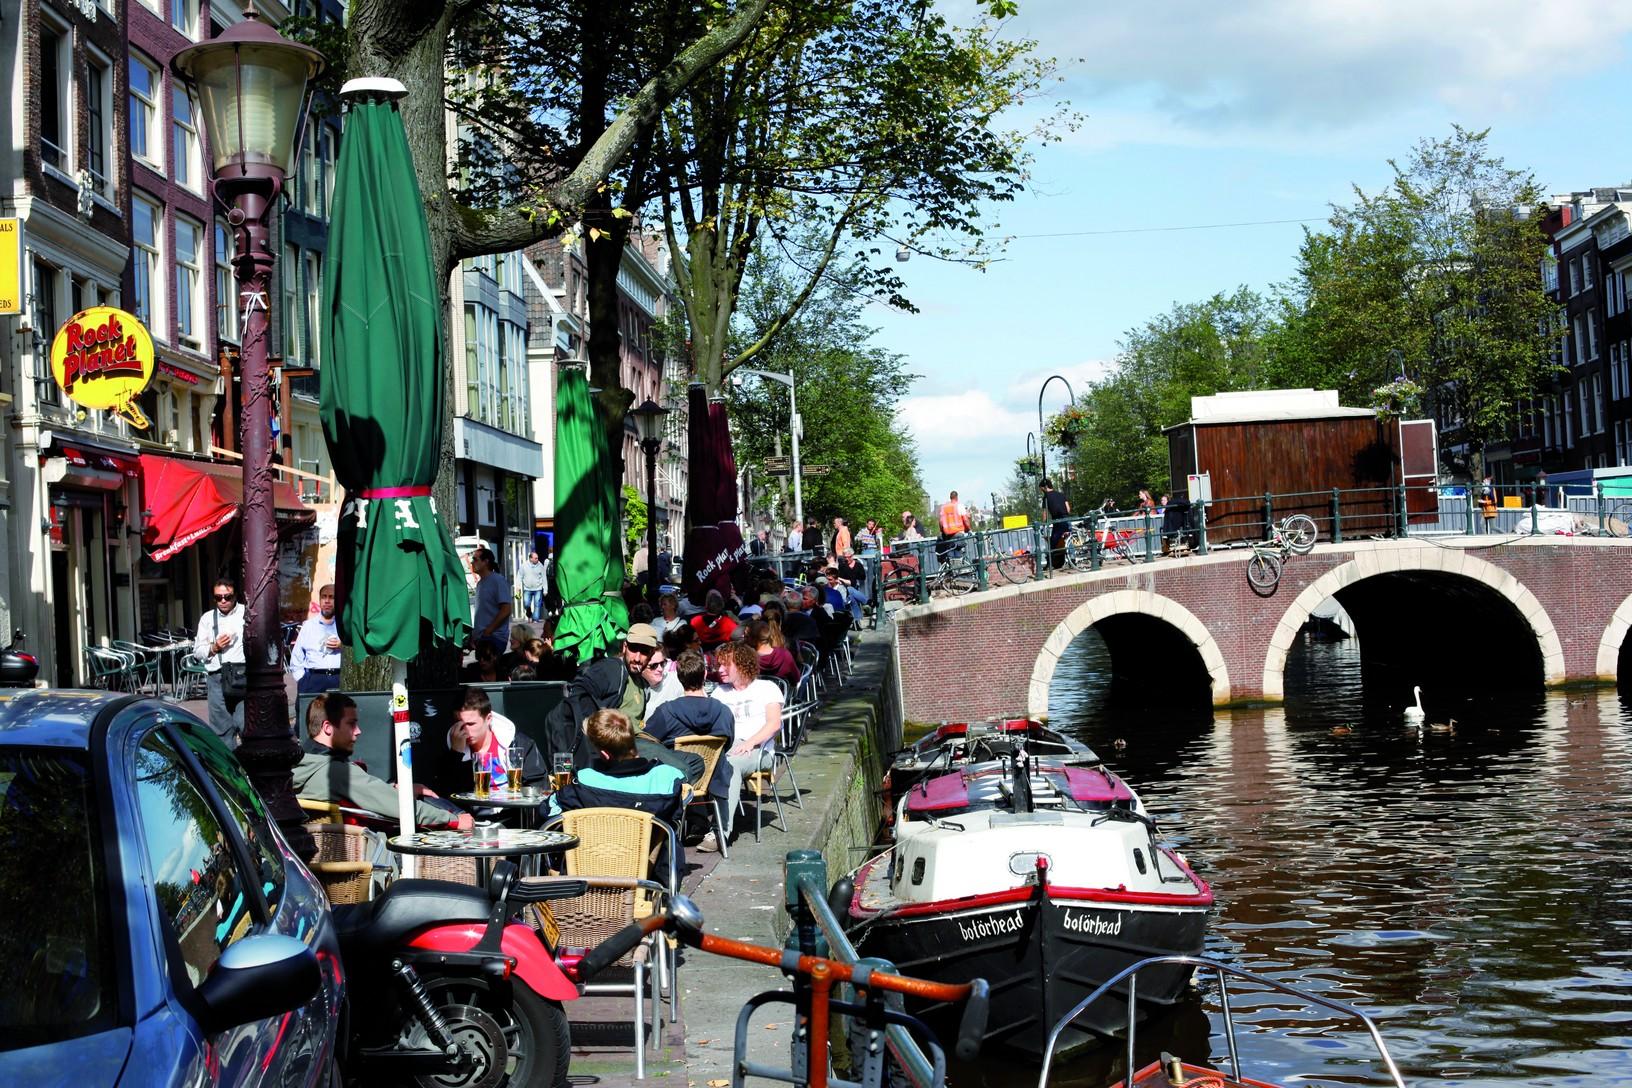 Klassenfahrt Nach Amsterdam Niederlande So Wird Ihre Schülerreise